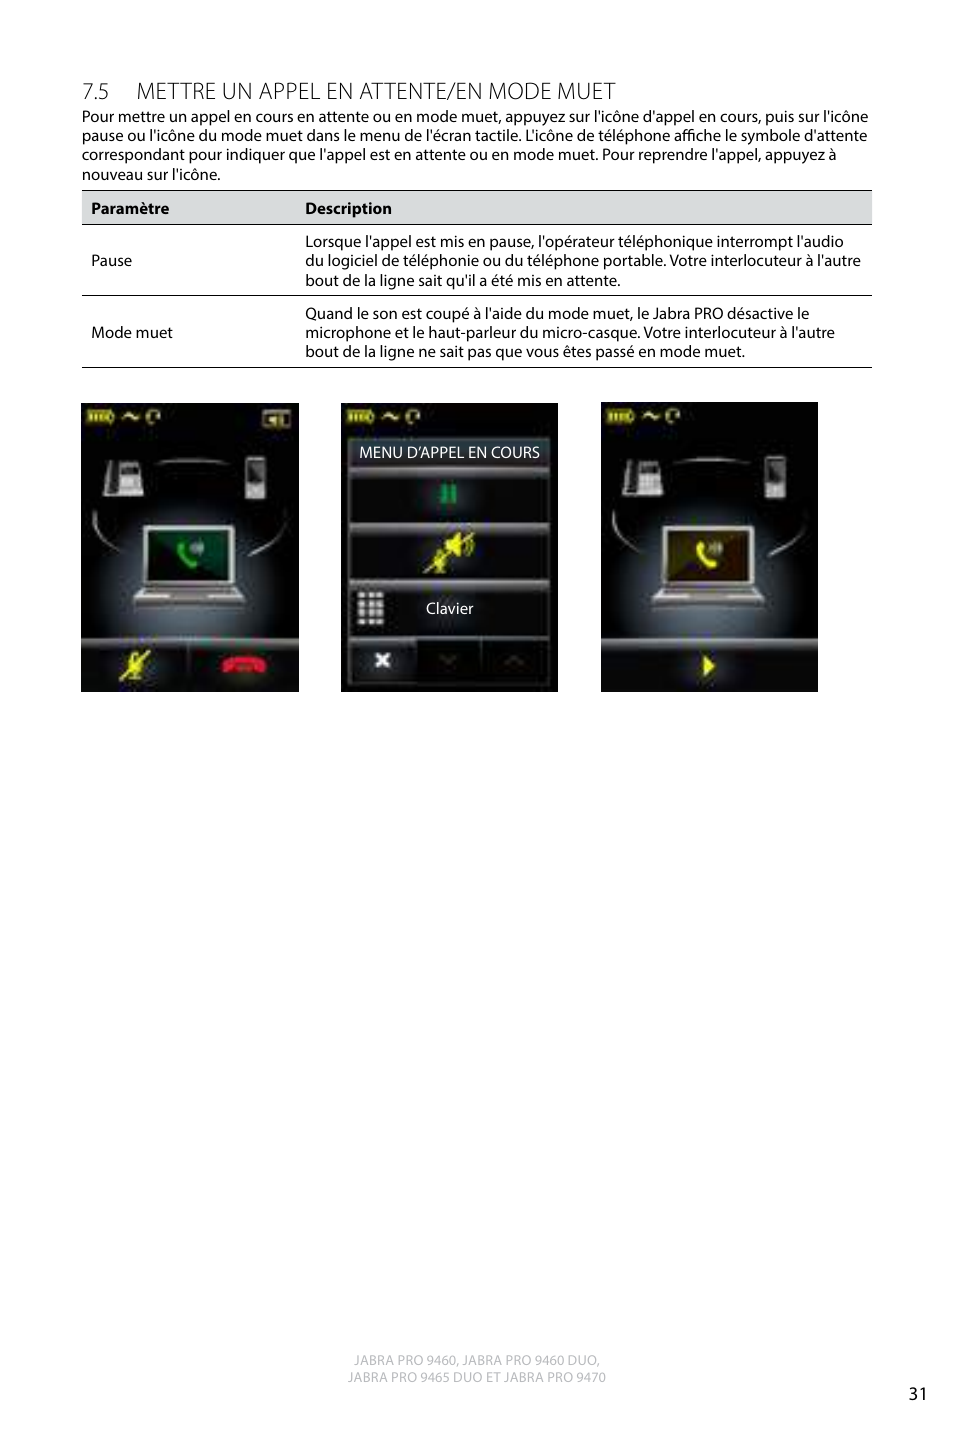 ff5cd3df3d8 5 mettre un appel en attente/en mode muet, Fr anç ais | Jabra PRO 9470 User  Manual Manuel d'utilisation | Page 30 / 43